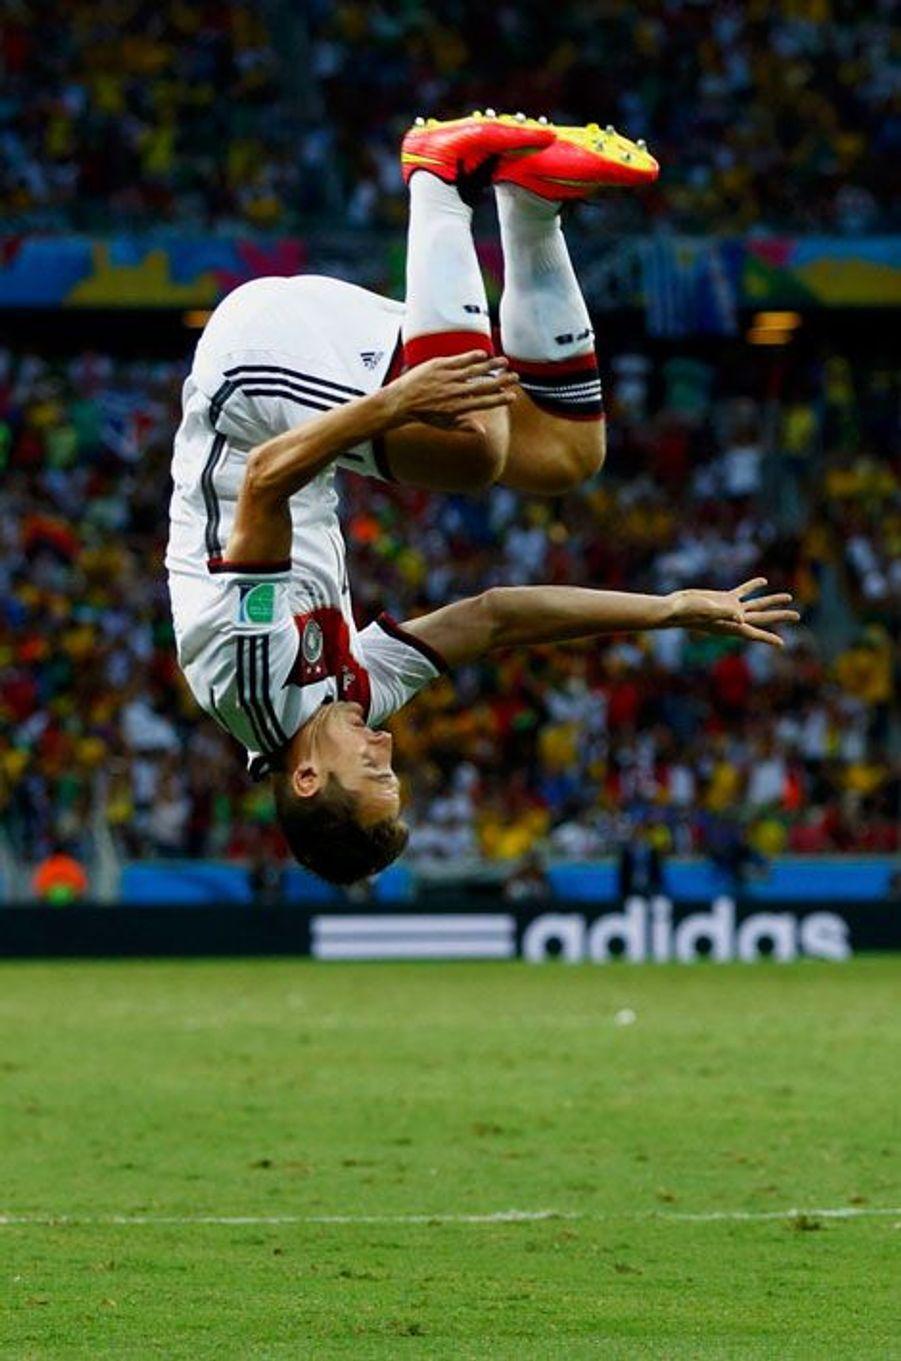 Lorsque l'on marque un but, il existe des dizaines de façons de le savourer : en solitaire, par une danse collective, en mimant un coeur ou le pouce dans la bouche. Pour les plus sportifs comme Miroslav Klose, on peut même avoir droit au salto alors que d'autres préfèrent tout simplement remercier Dieu. Florilège de célébrations qui ont marqué cette Coupe du monde.Miroslav Klose après avoir marqué face au Ghana. Il égale le record de Ronaldo de 15 buts inscrits en Coupe du monde.